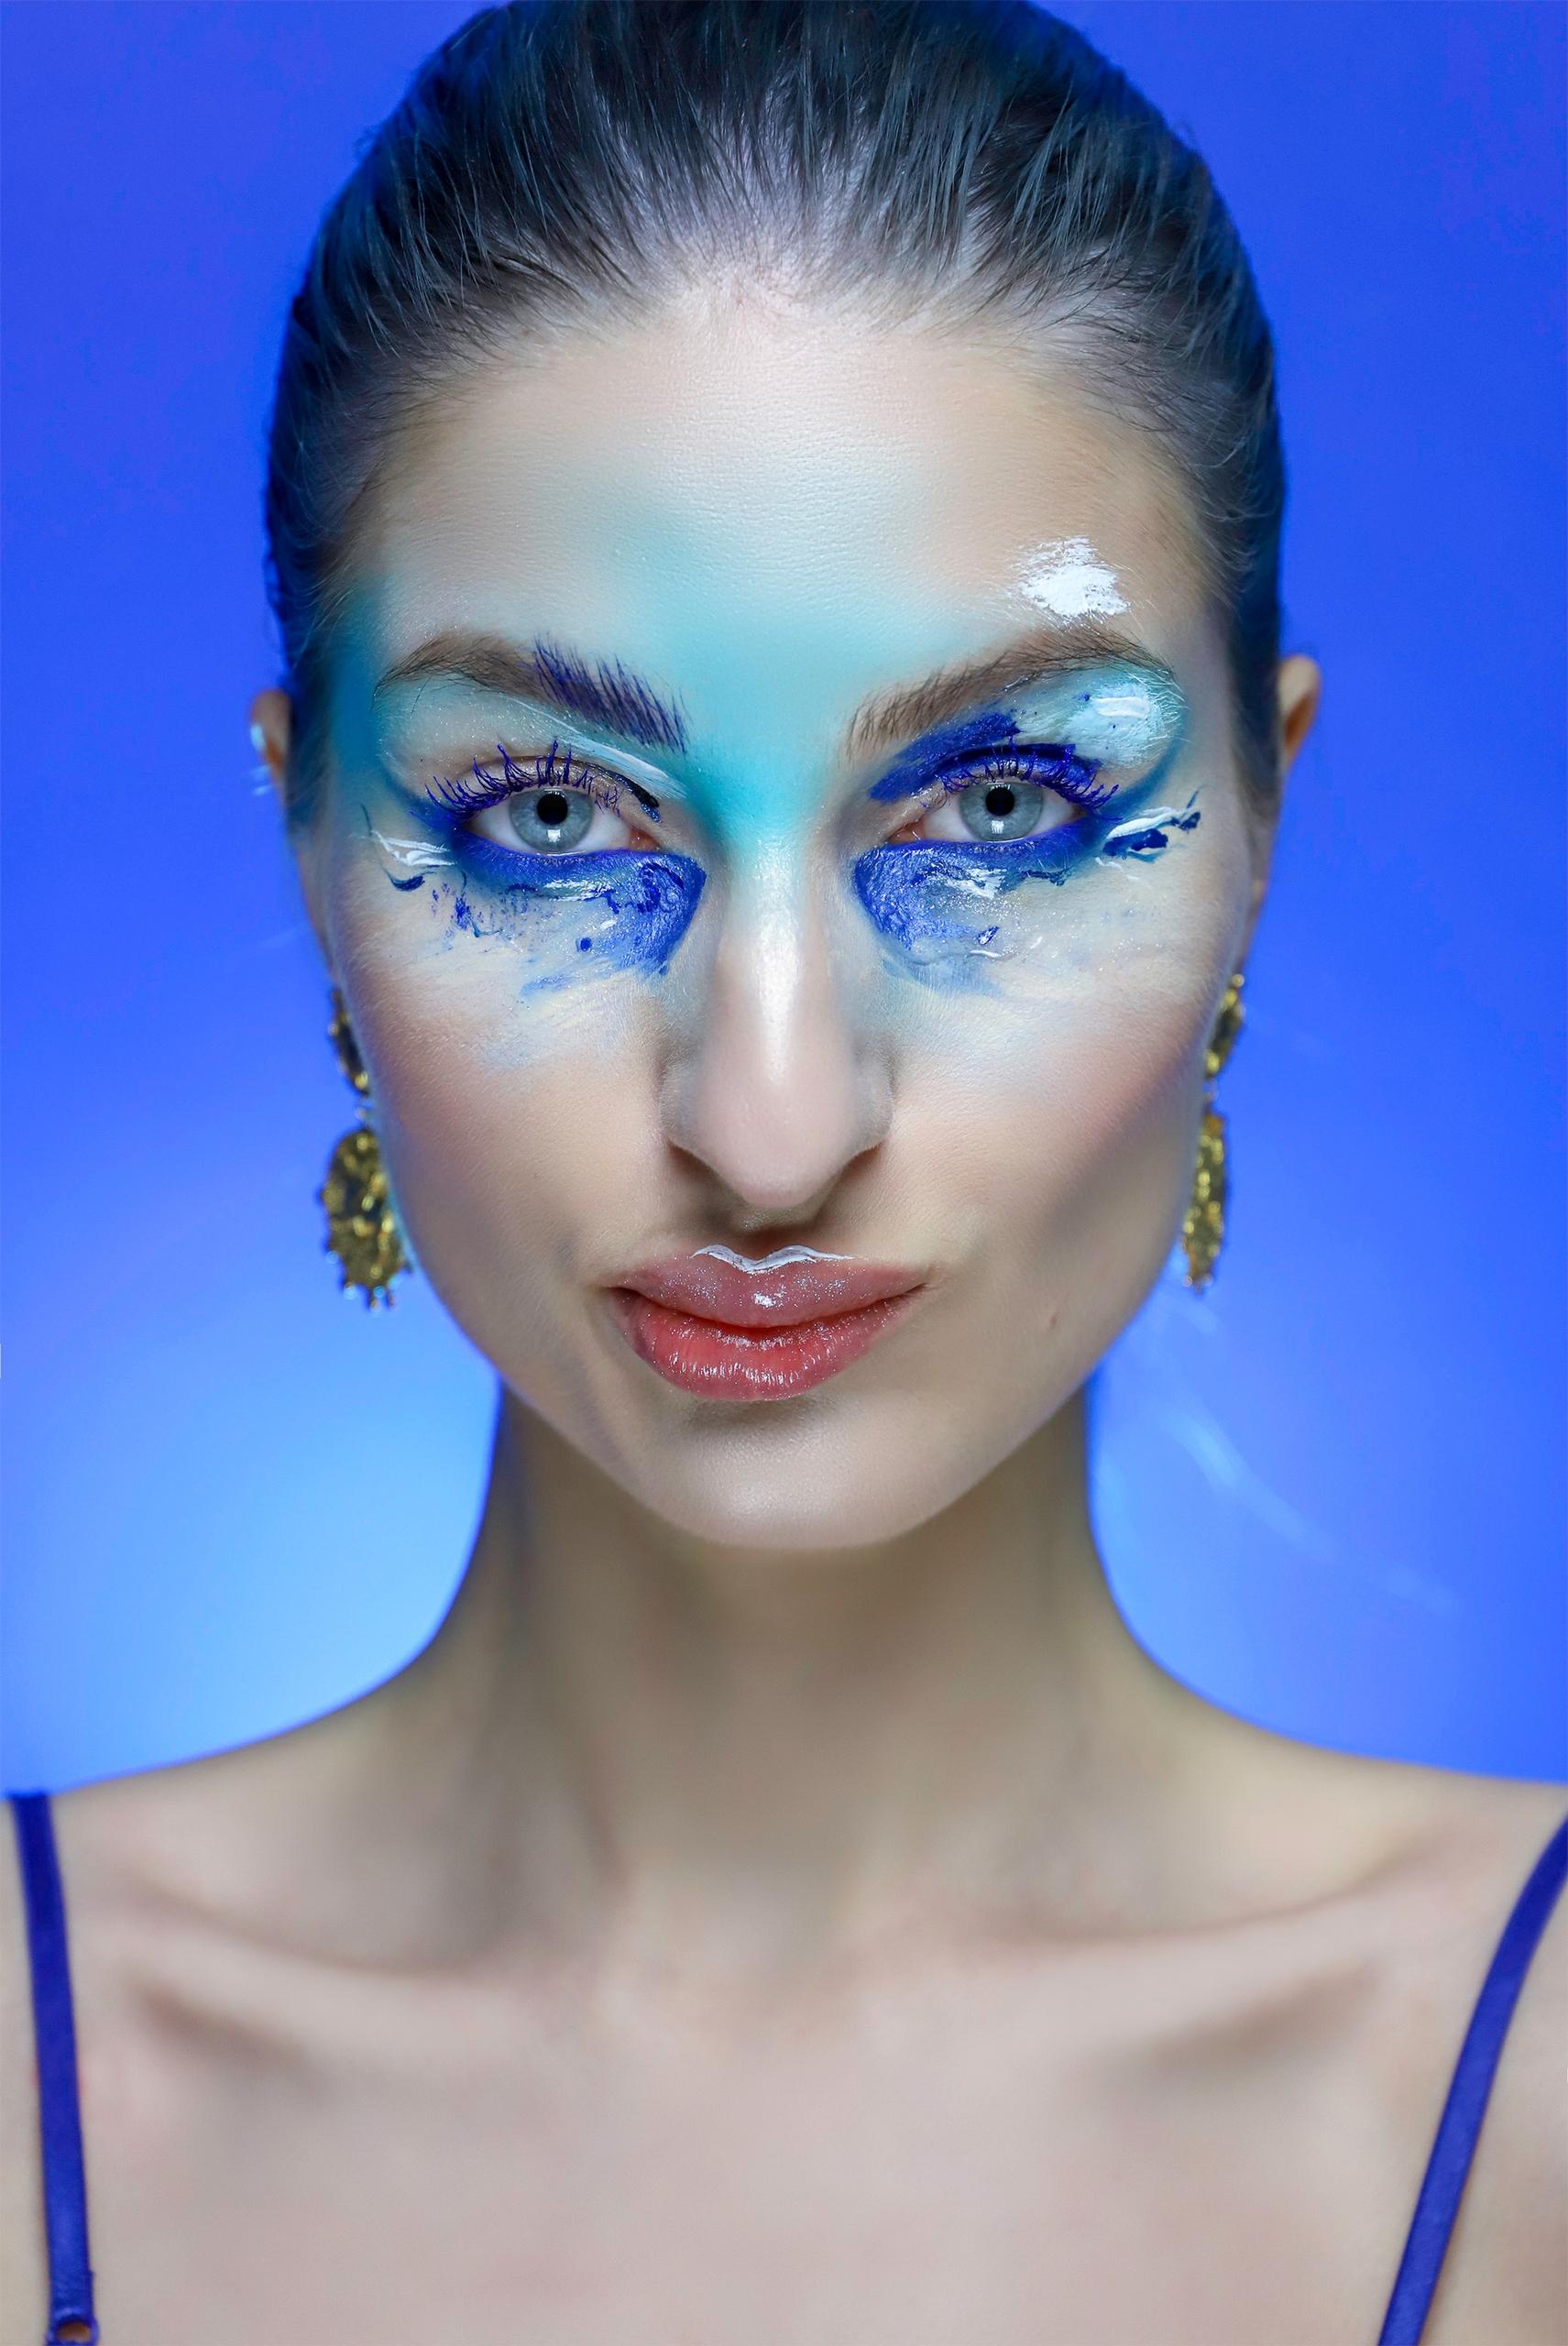 O kolorach: Niebieski, cz.1